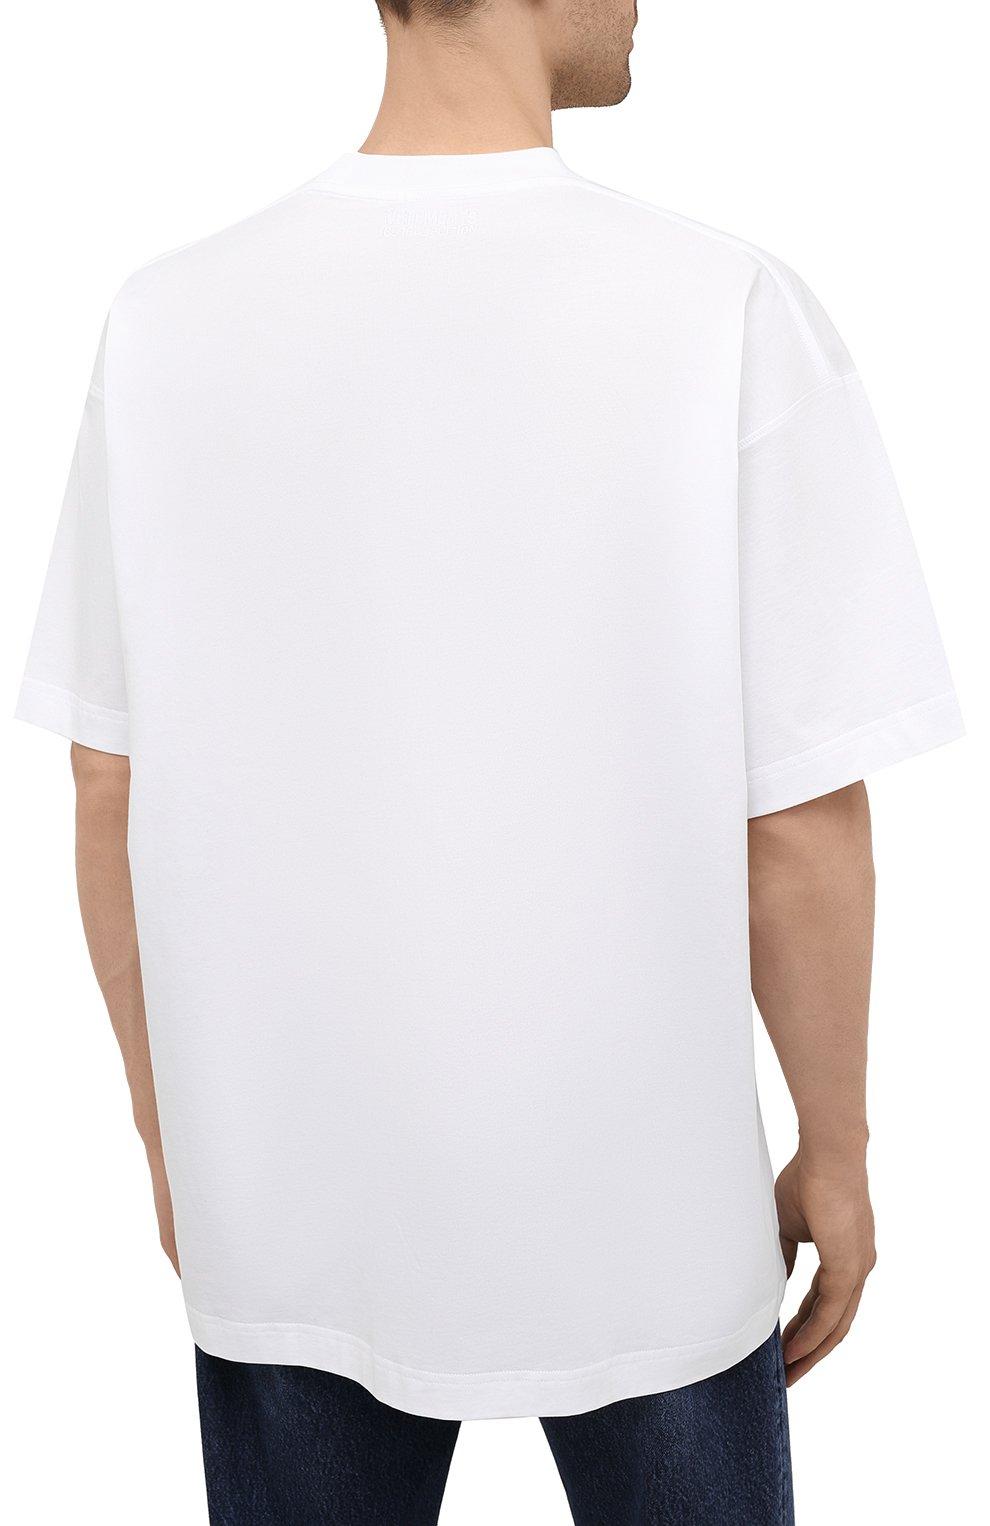 Мужская хлопковая футболка VETEMENTS белого цвета, арт. UA52TR290R 1611/M   Фото 4 (Рукава: Короткие; Длина (для топов): Стандартные; Стили: Гранж; Принт: С принтом; Материал внешний: Хлопок)